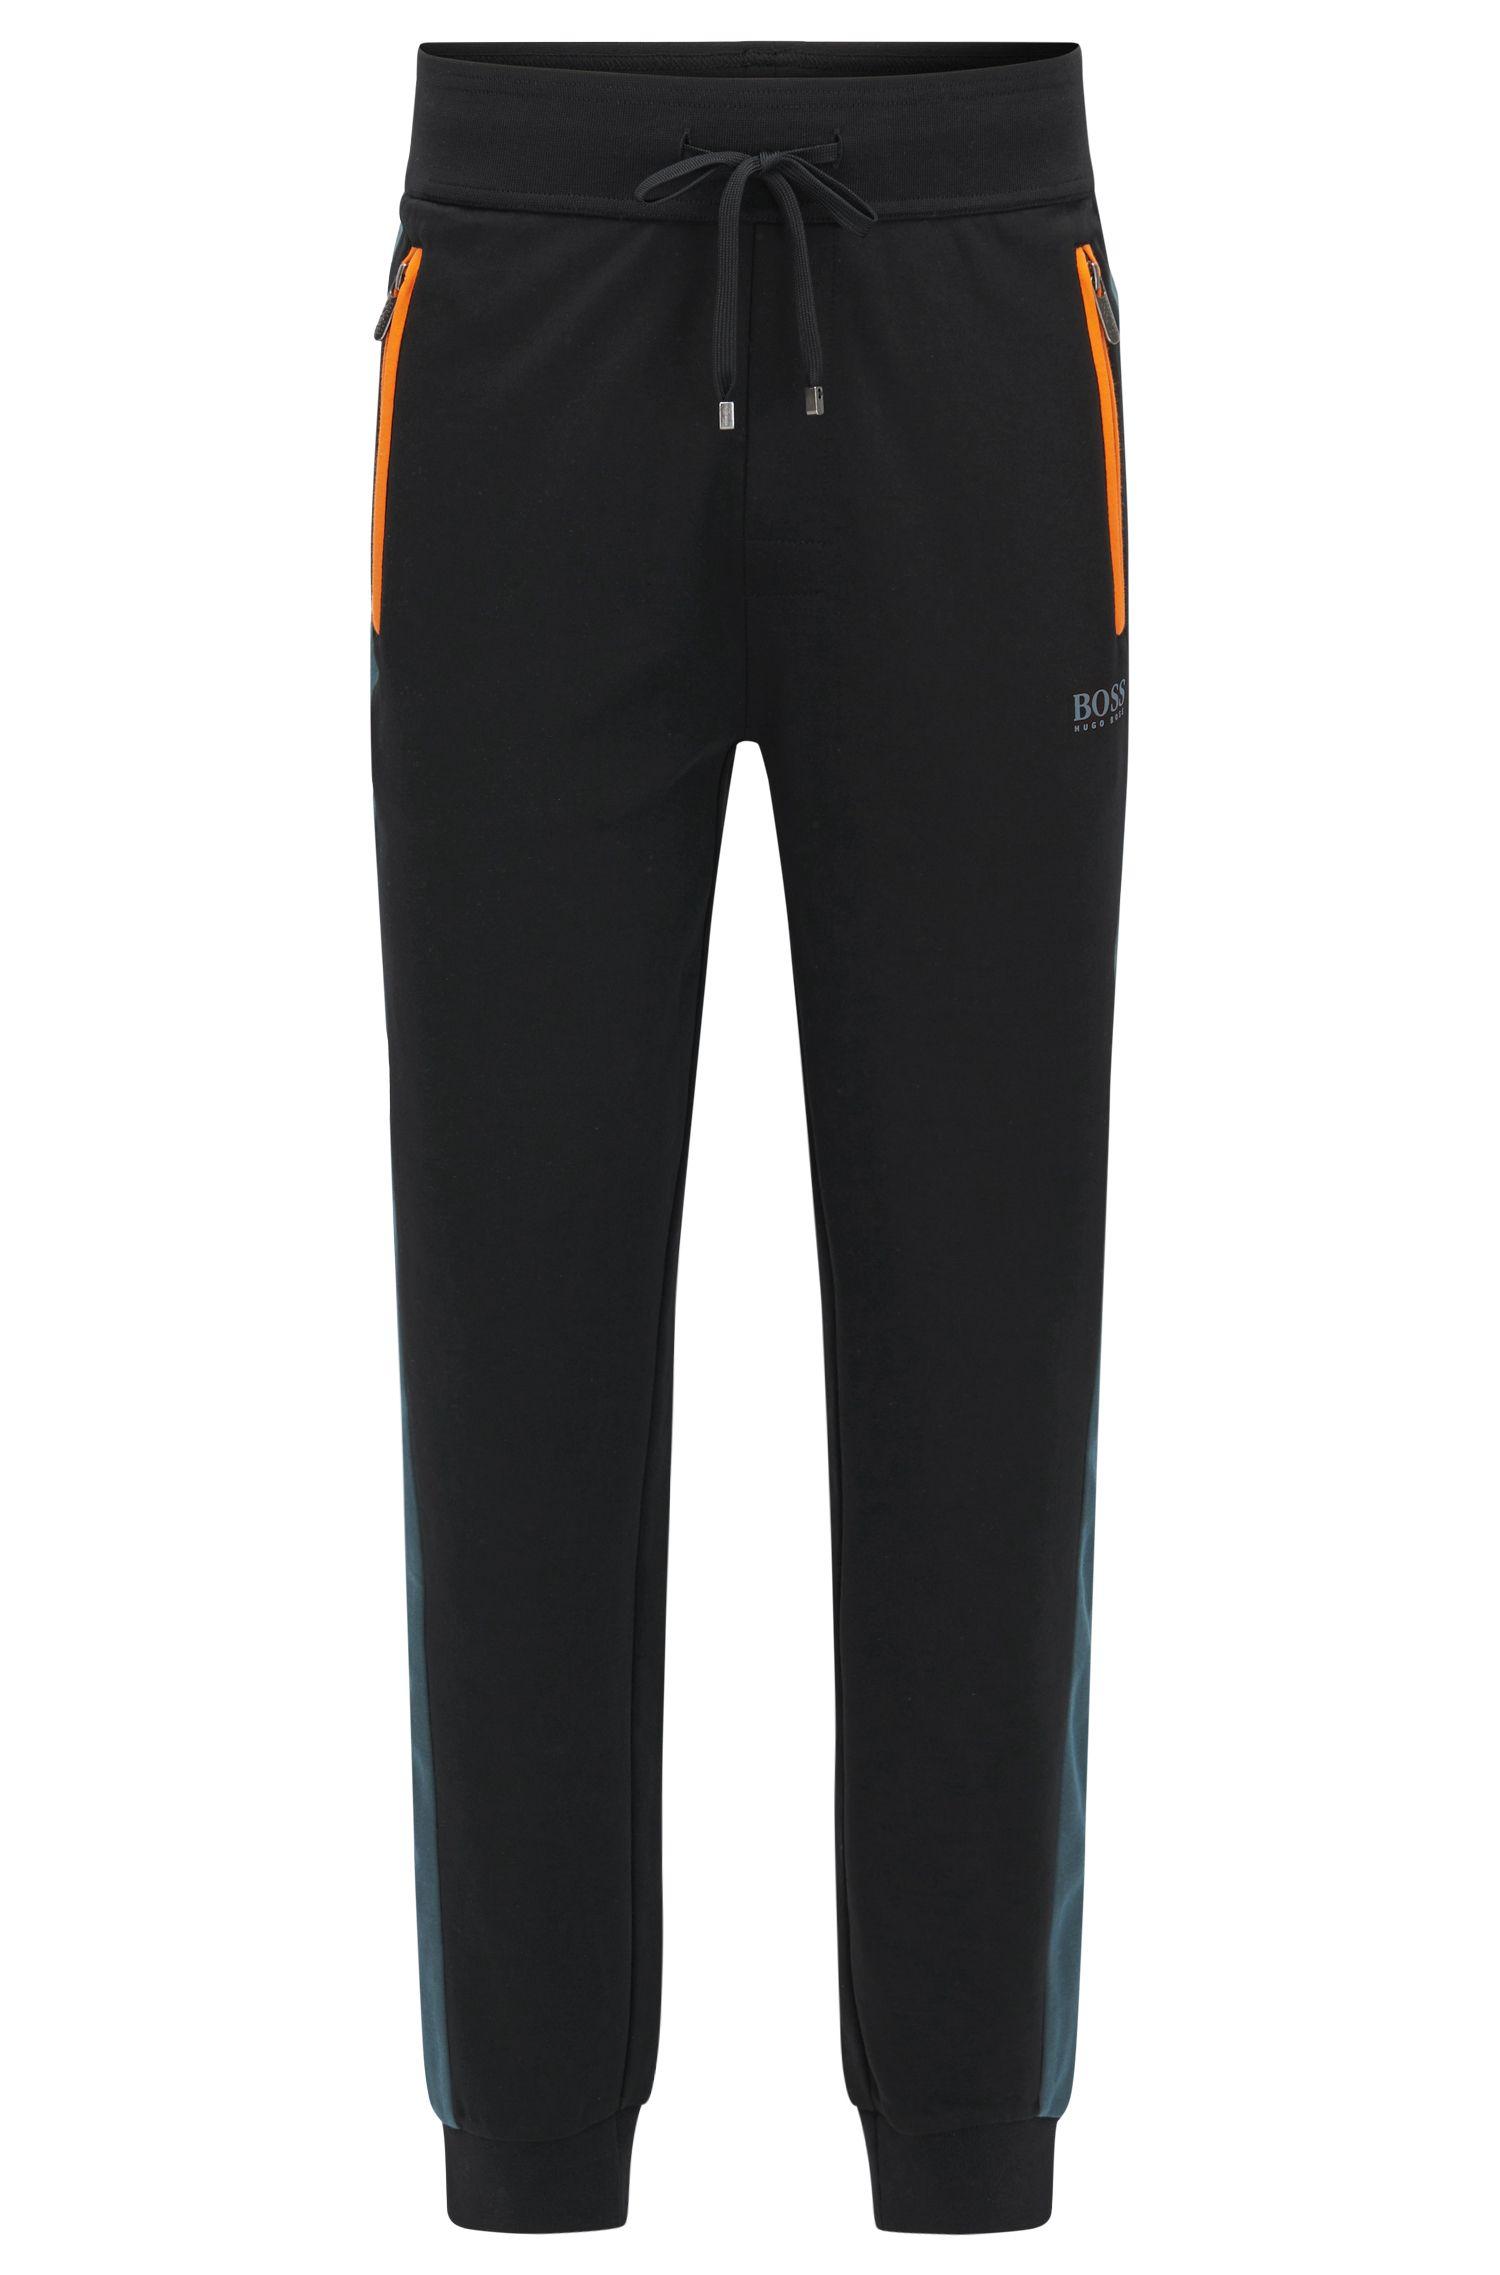 Pantalones de chándal con tejido de piqué en mezcla de algodón con detalles en contraste